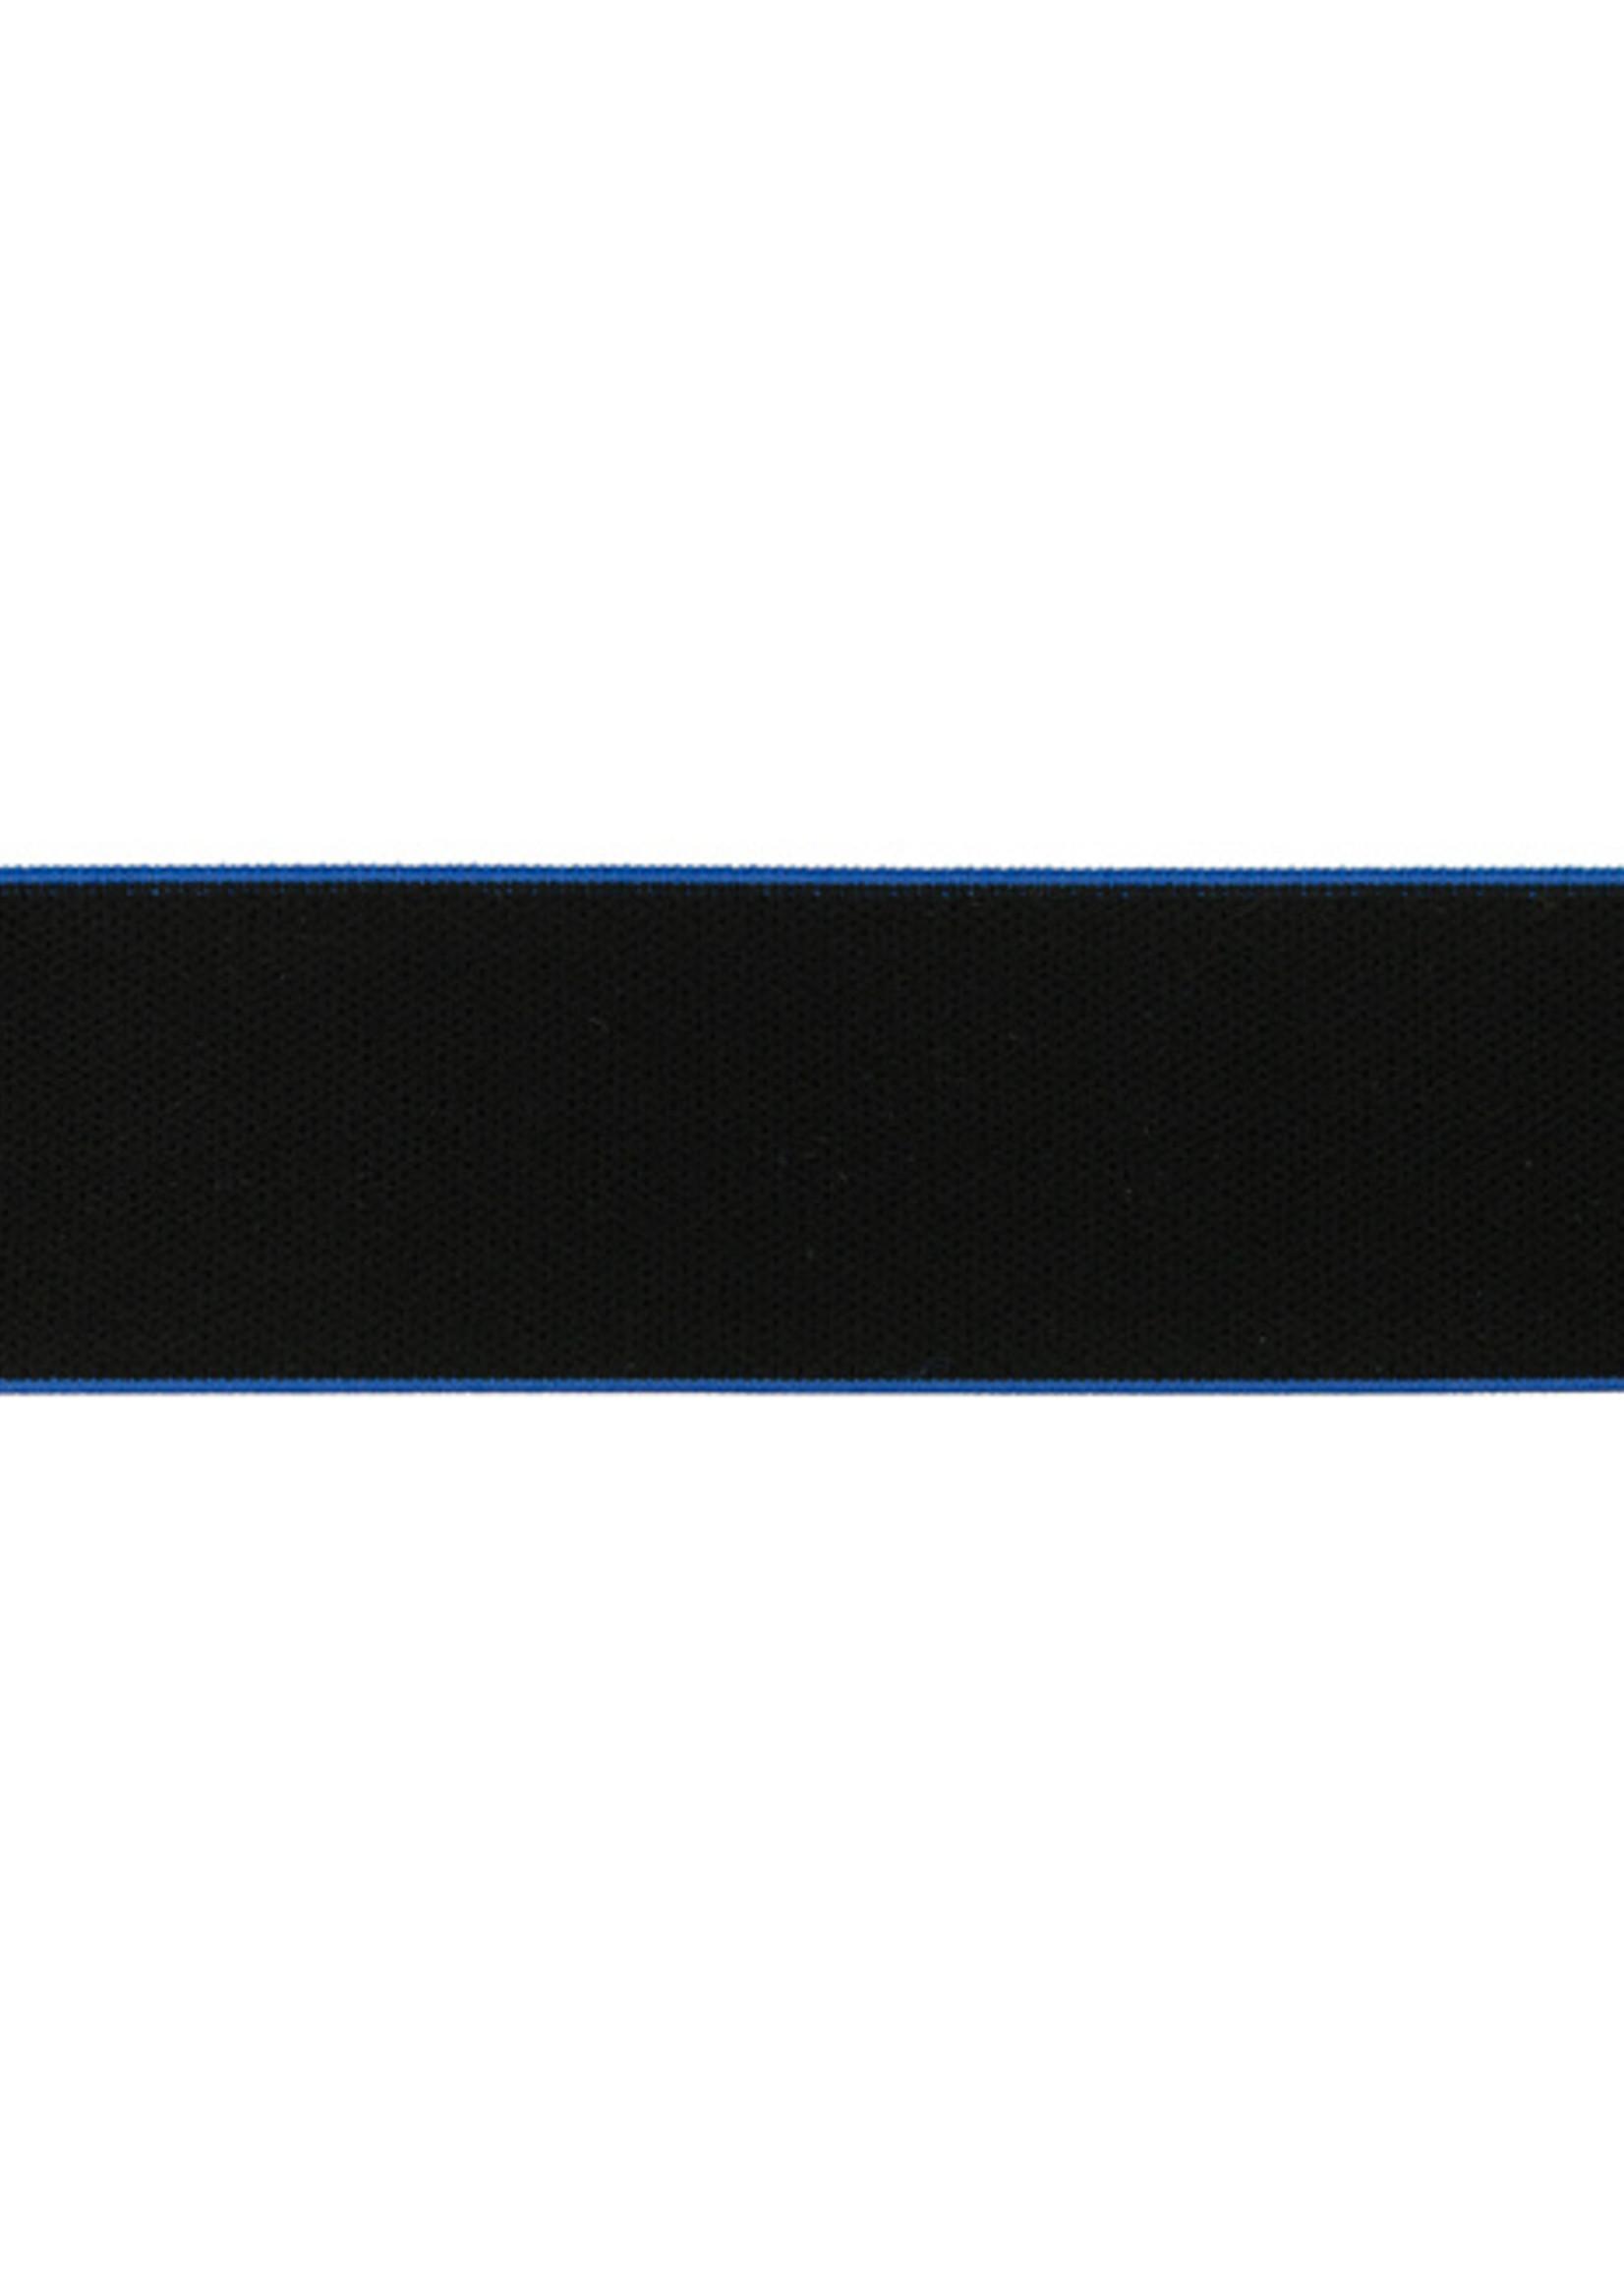 Elastiek Gekleurde Rand 40 mm